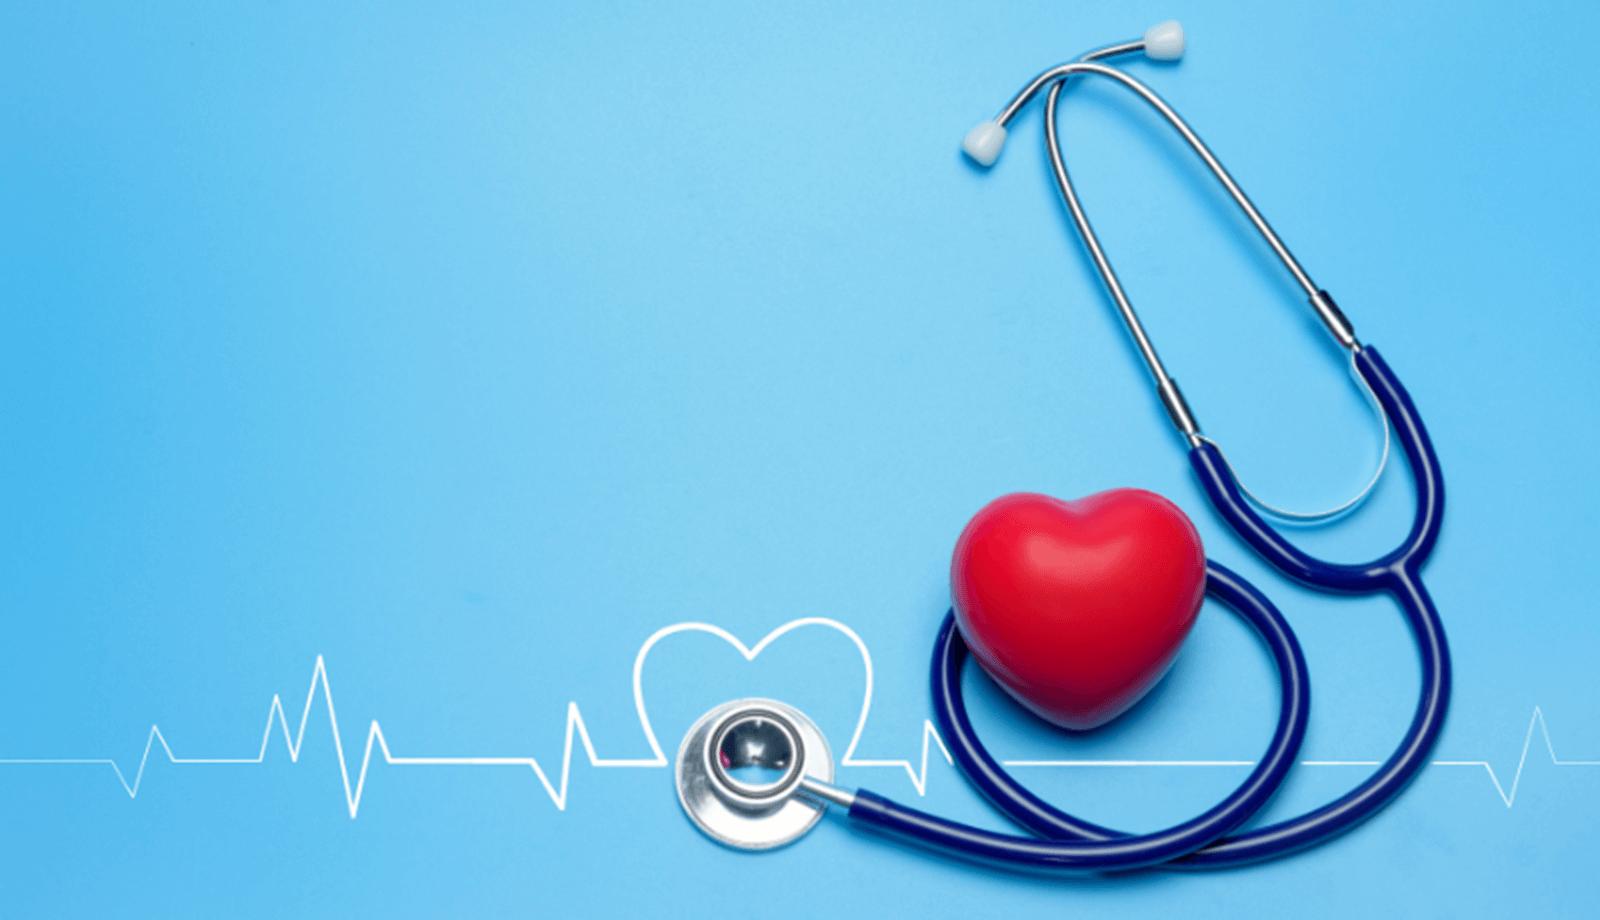 a magas vérnyomás örökletes betegség vagy sem